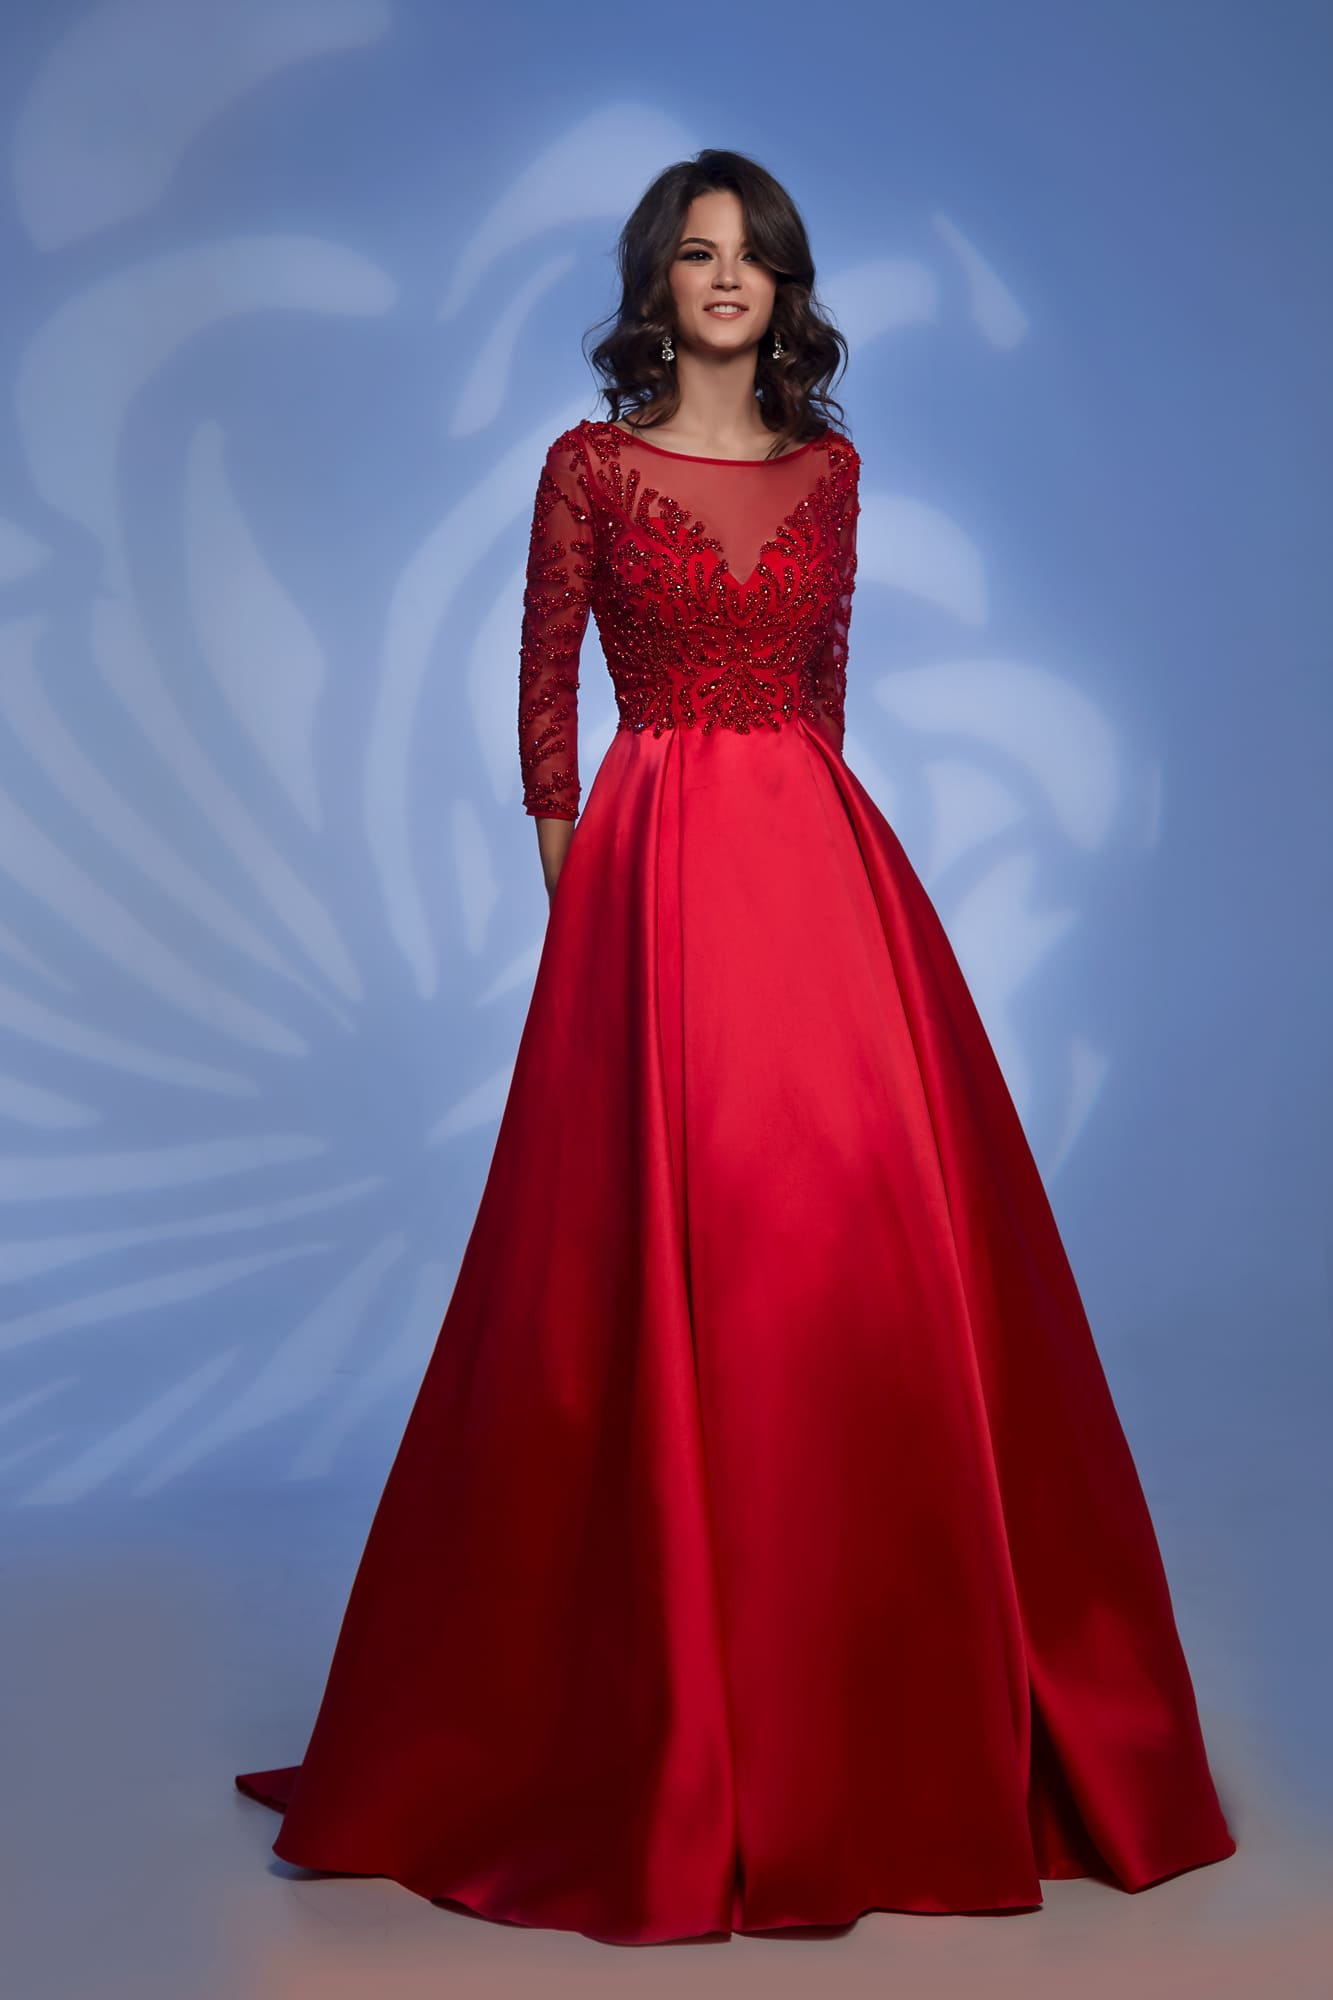 7e6a66c9572 Красное закрытое платье с рукавом Nora Naviano 10810 red. Купить ...